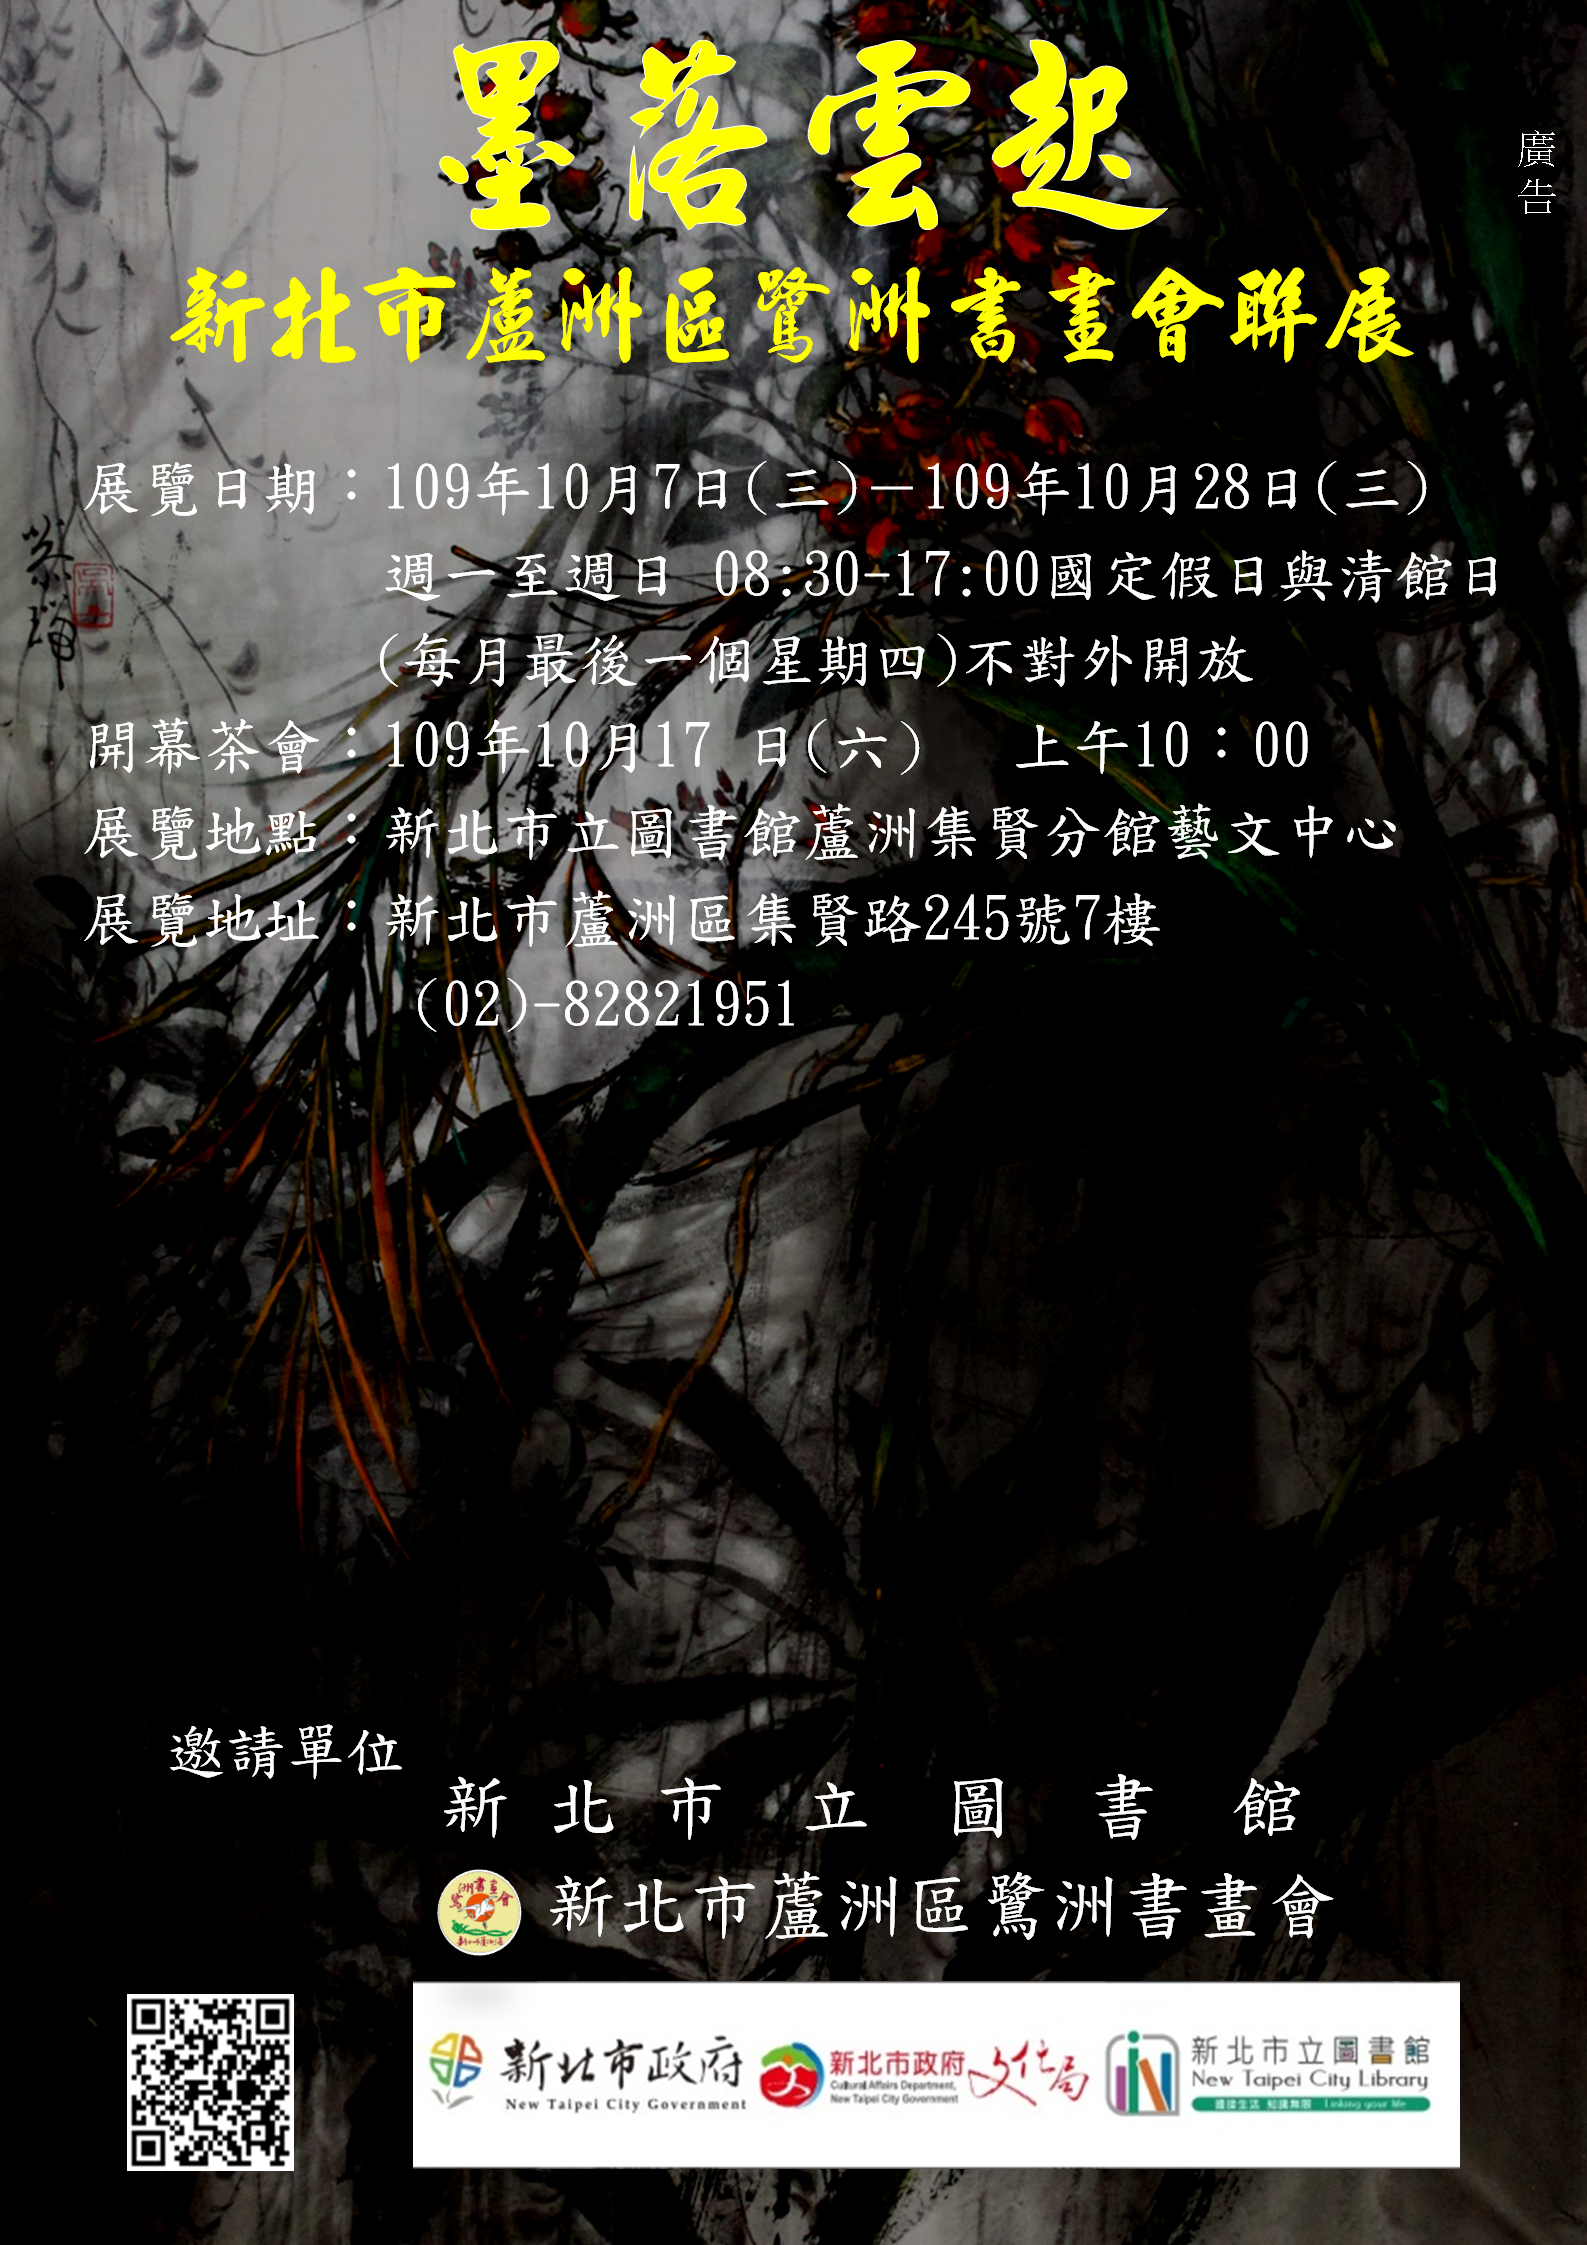 【蘆洲集賢分館藝文中心】109年10月藝遊便利貼–展覽:墨落雲起